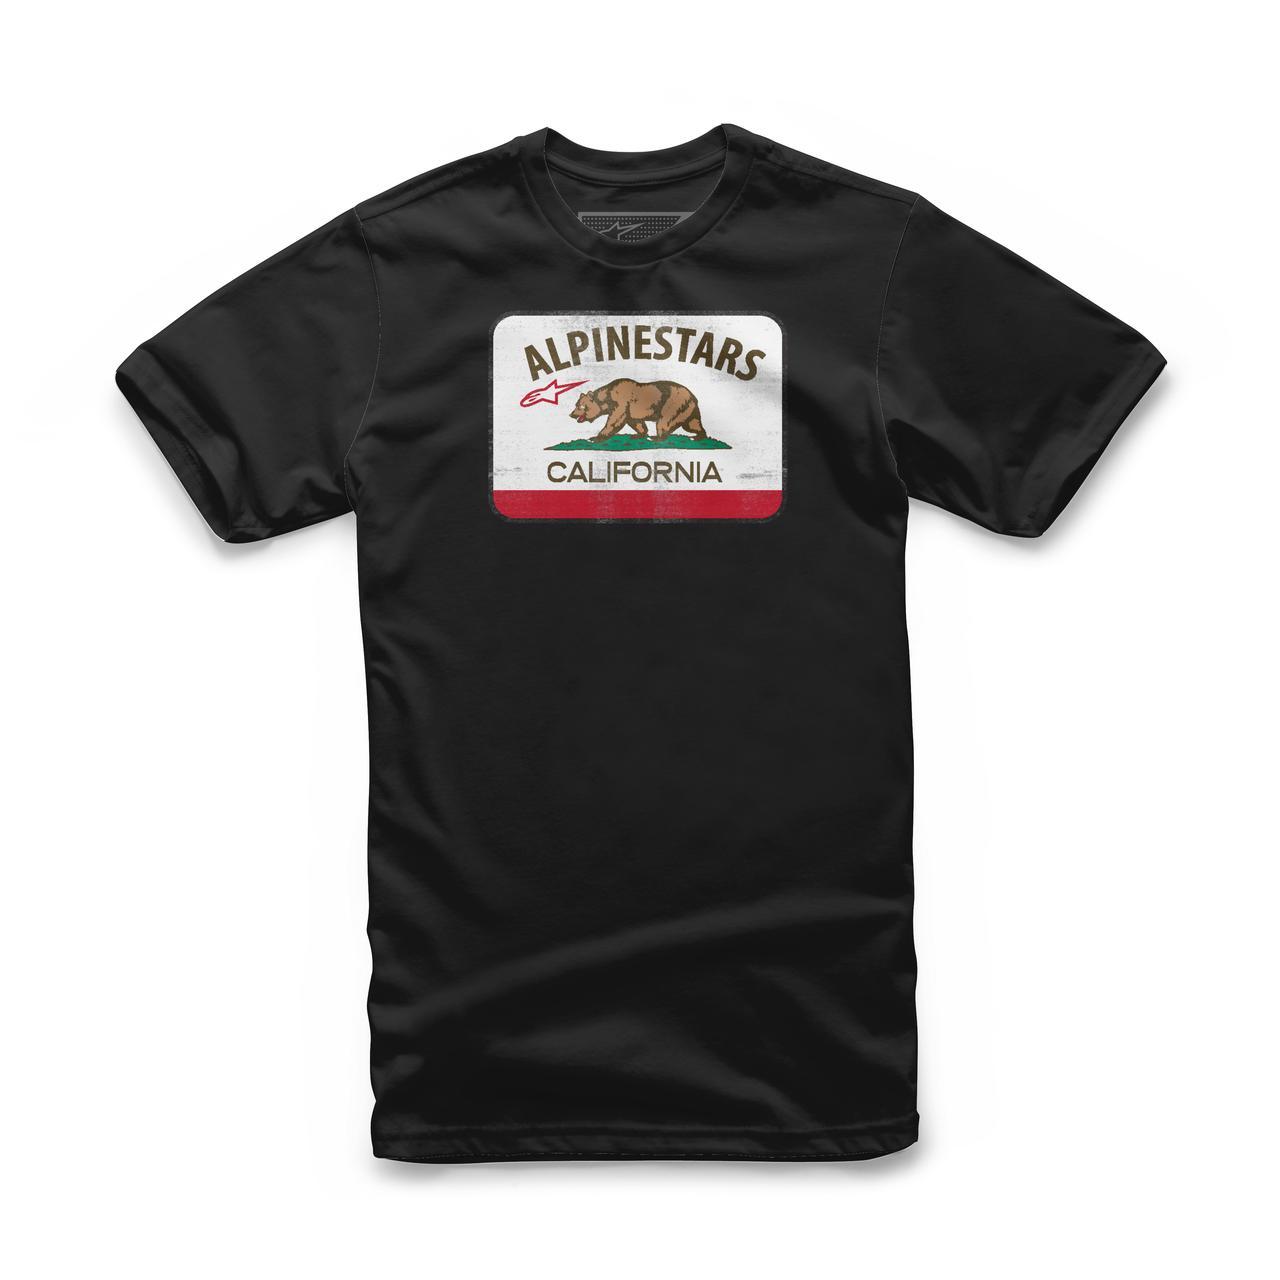 画像3: こんなにあったら選べない!? アルパインスターズの新作〈Tシャツ〉コレクション、あなたはどのデザインが好み?